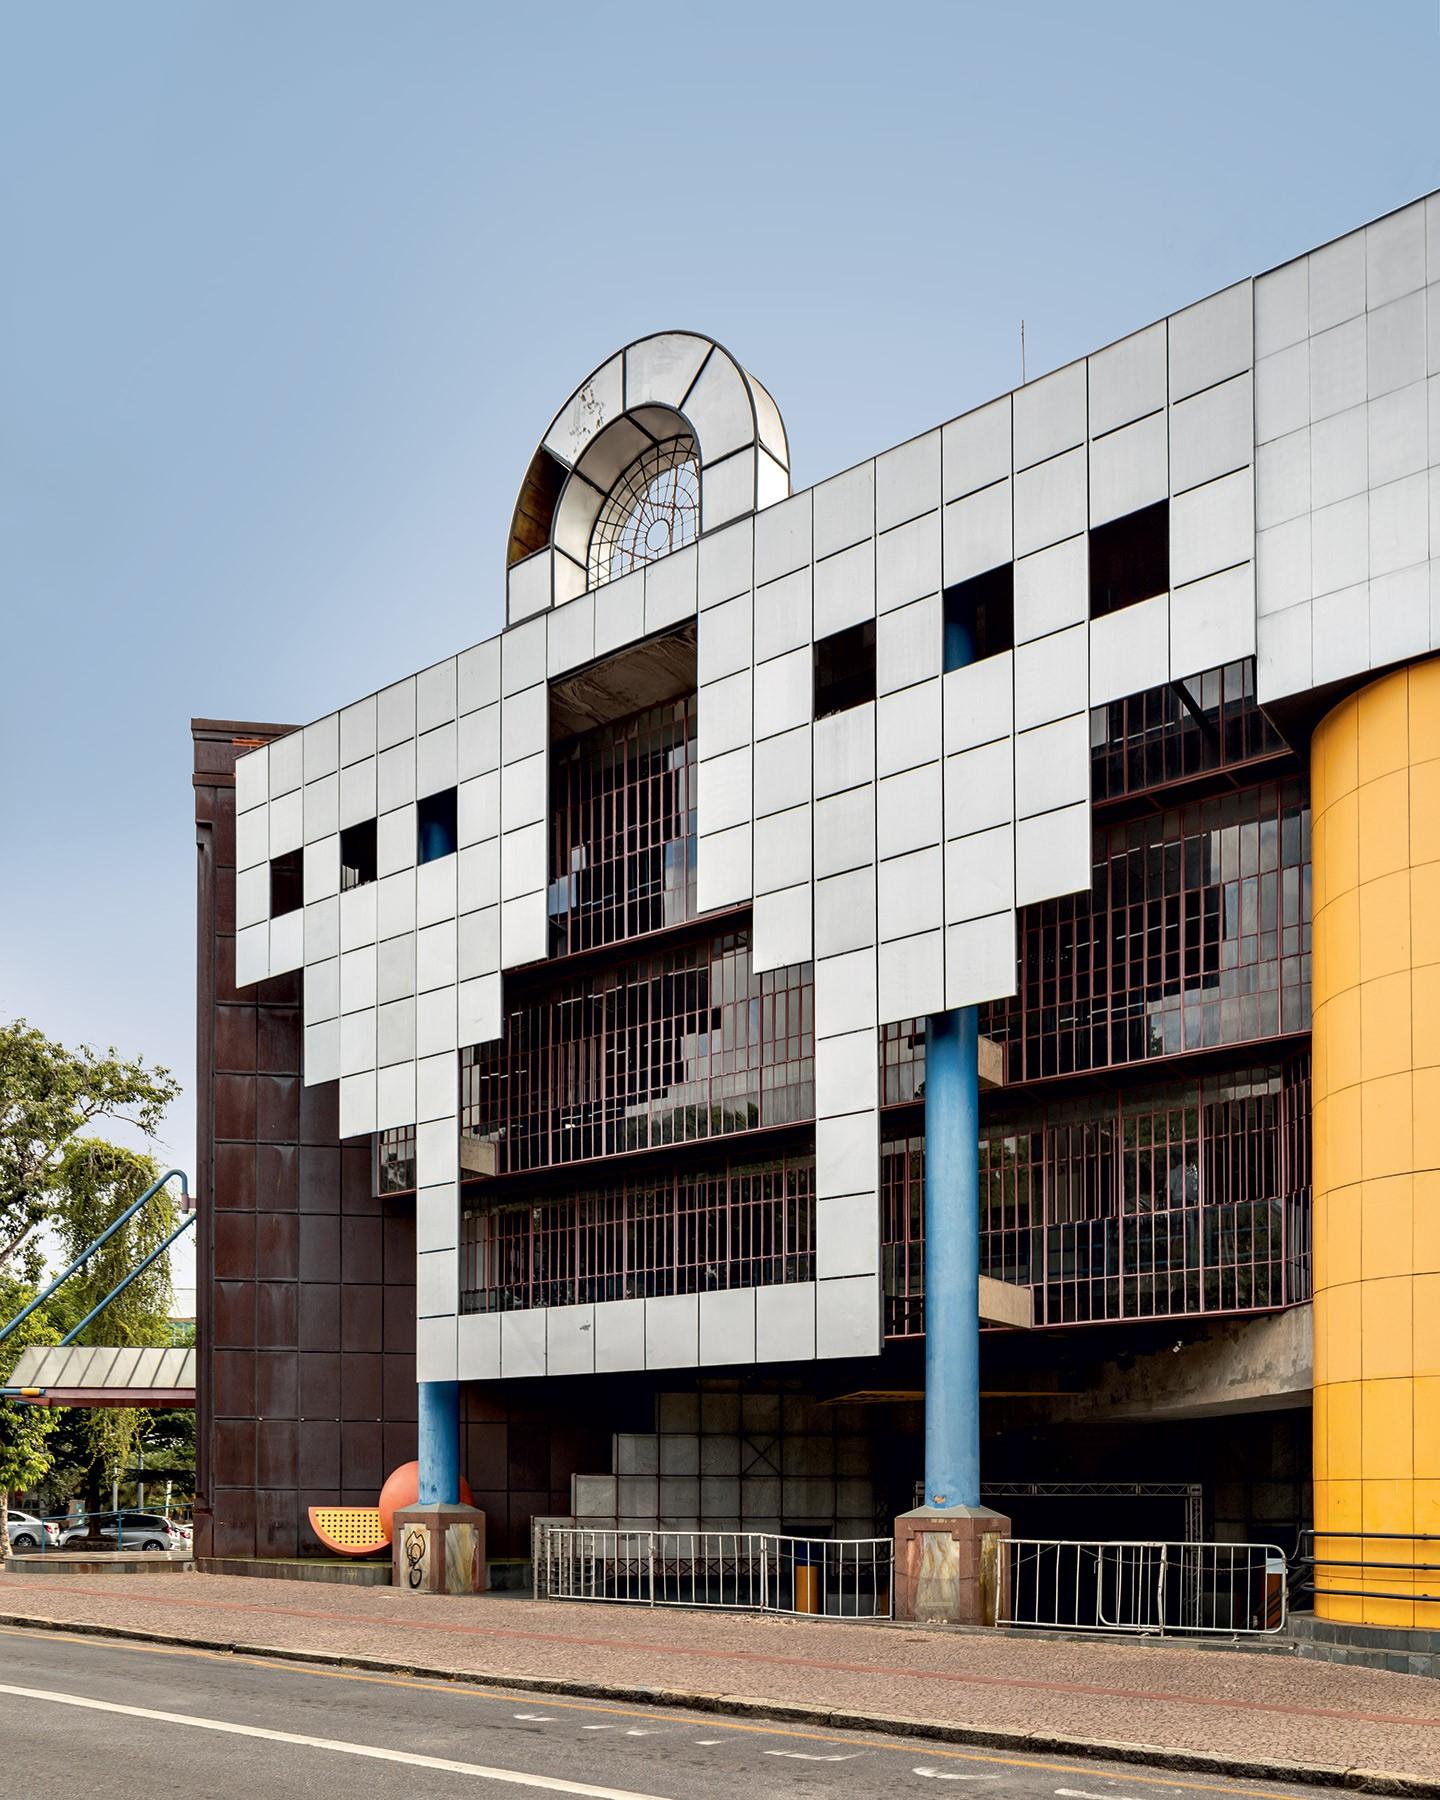 Arquitetura pós-moderna: como o estilo surgiu ganhou novos contornos em Minas Gerais e se espalhou pelo Brasil (Foto: Fran Parente)